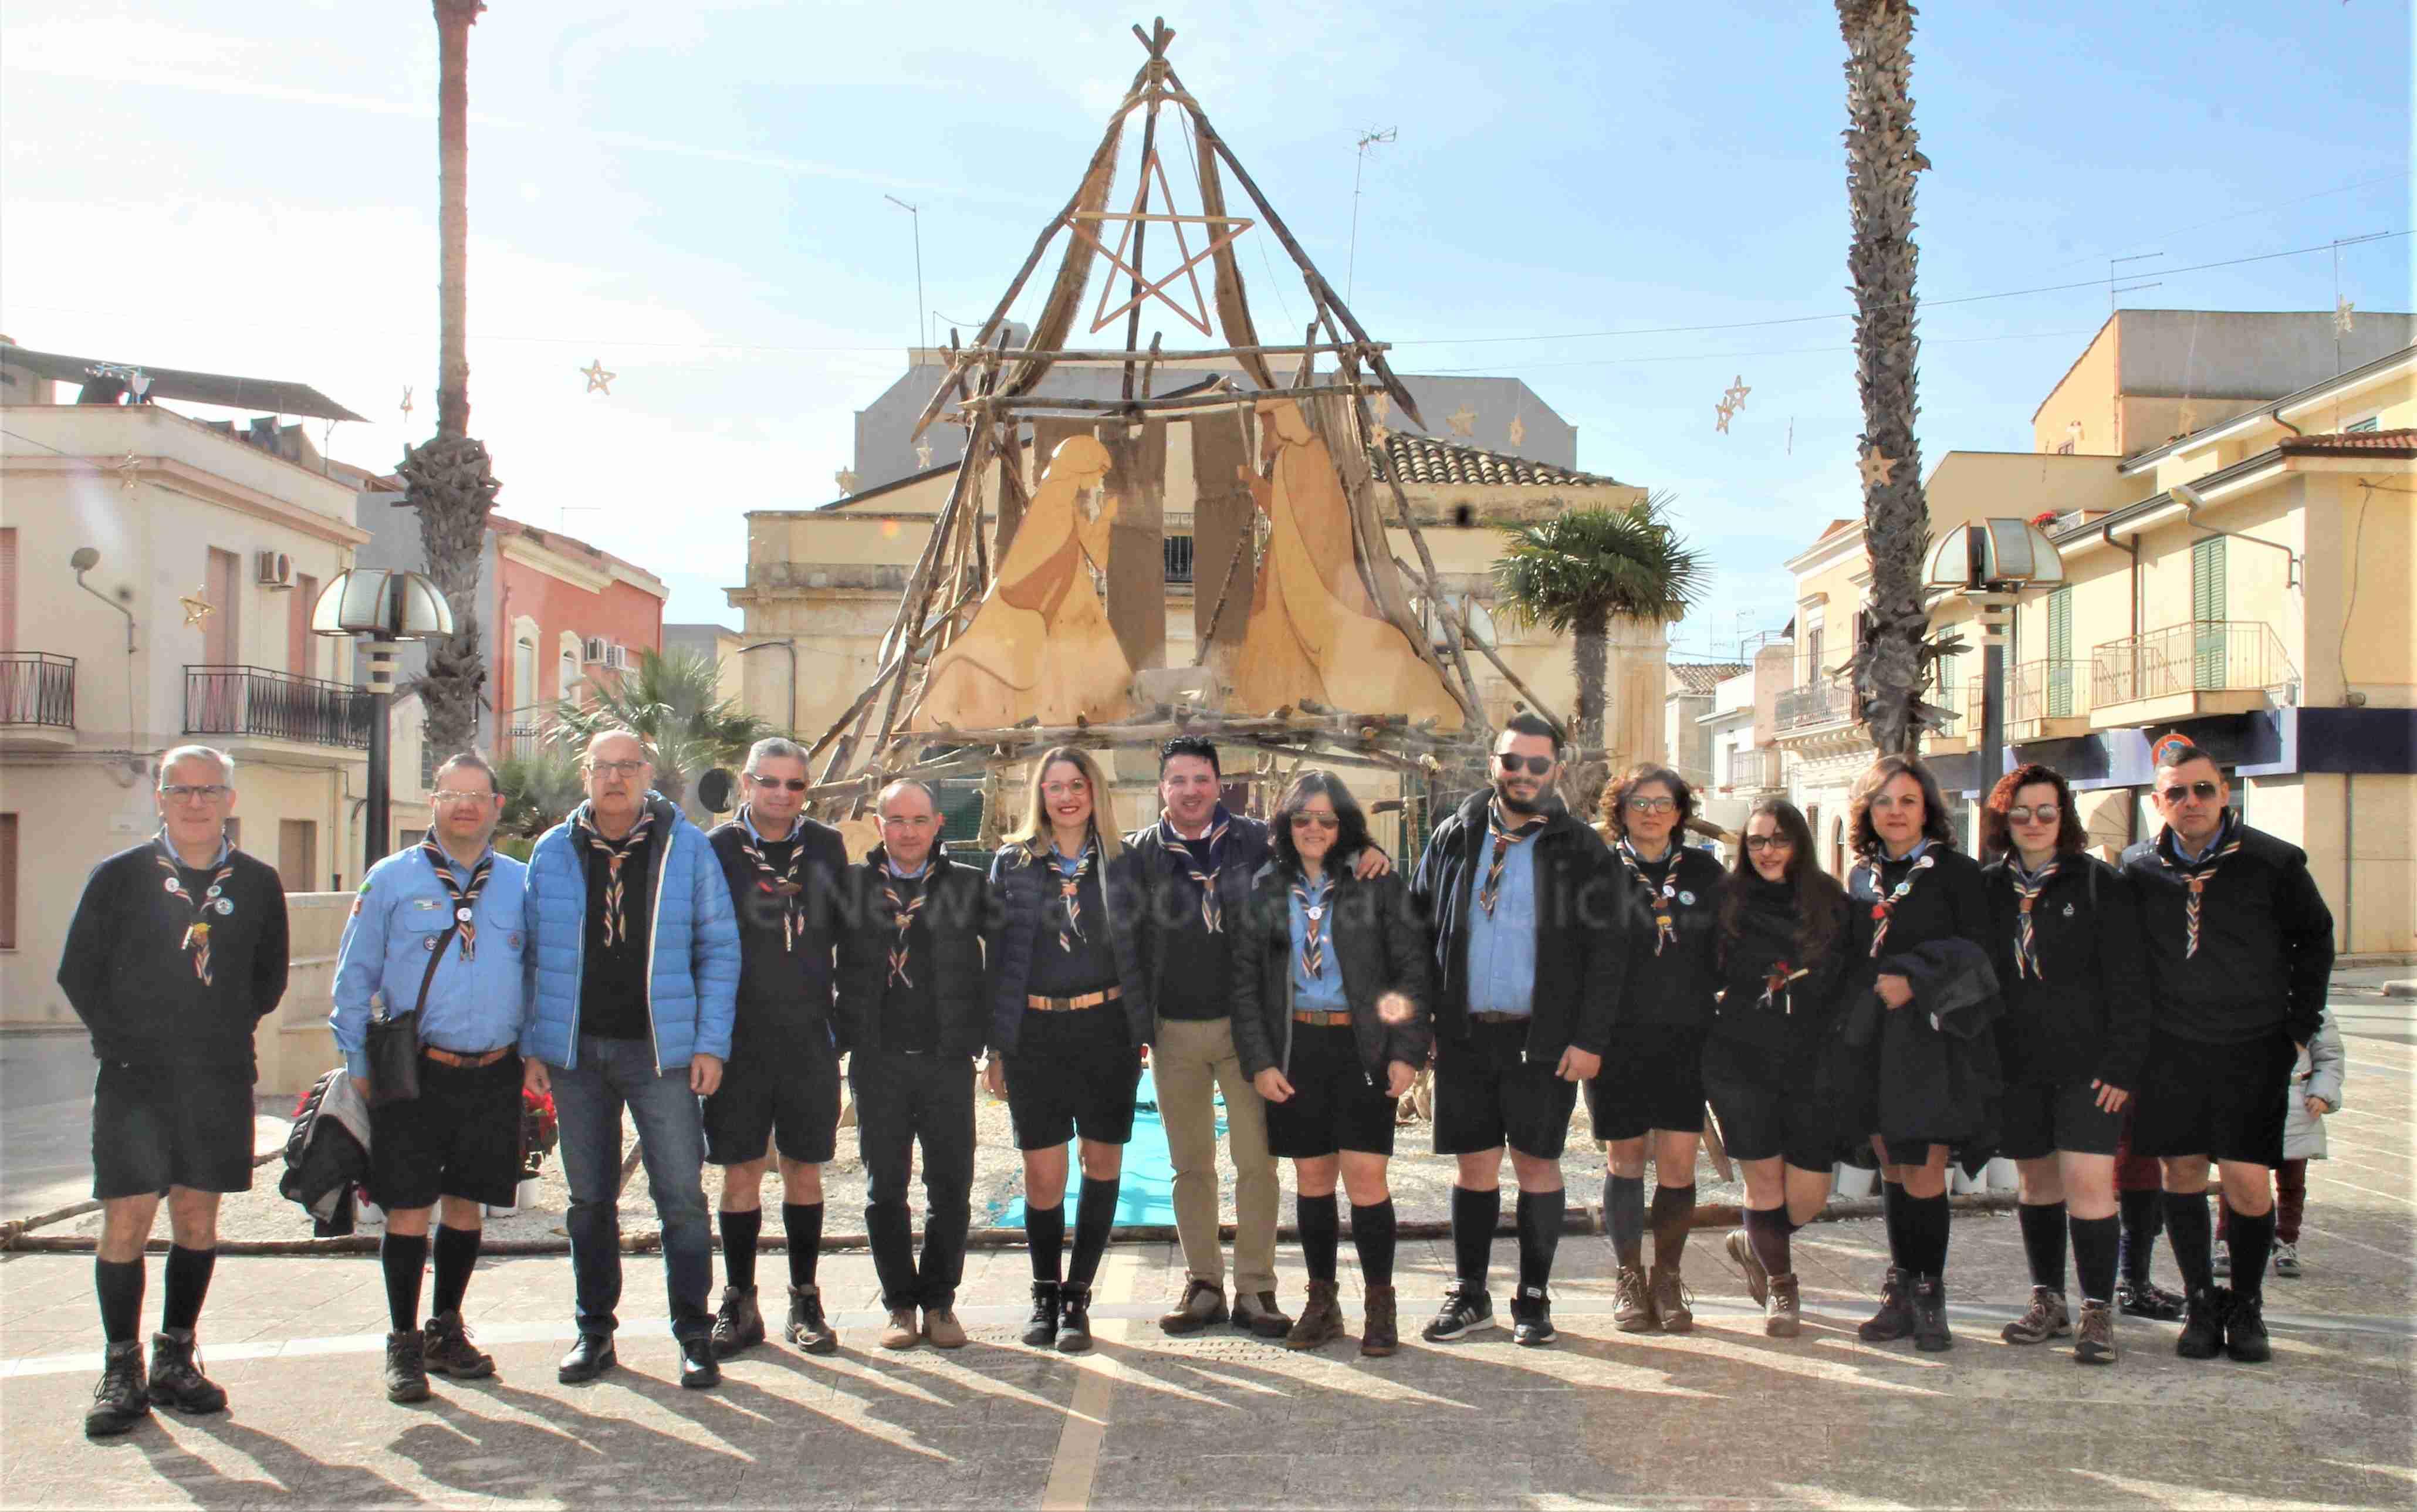 Piazza Crocifisso: il Presepe del gruppo scout Rosolini 1 incanta tutti